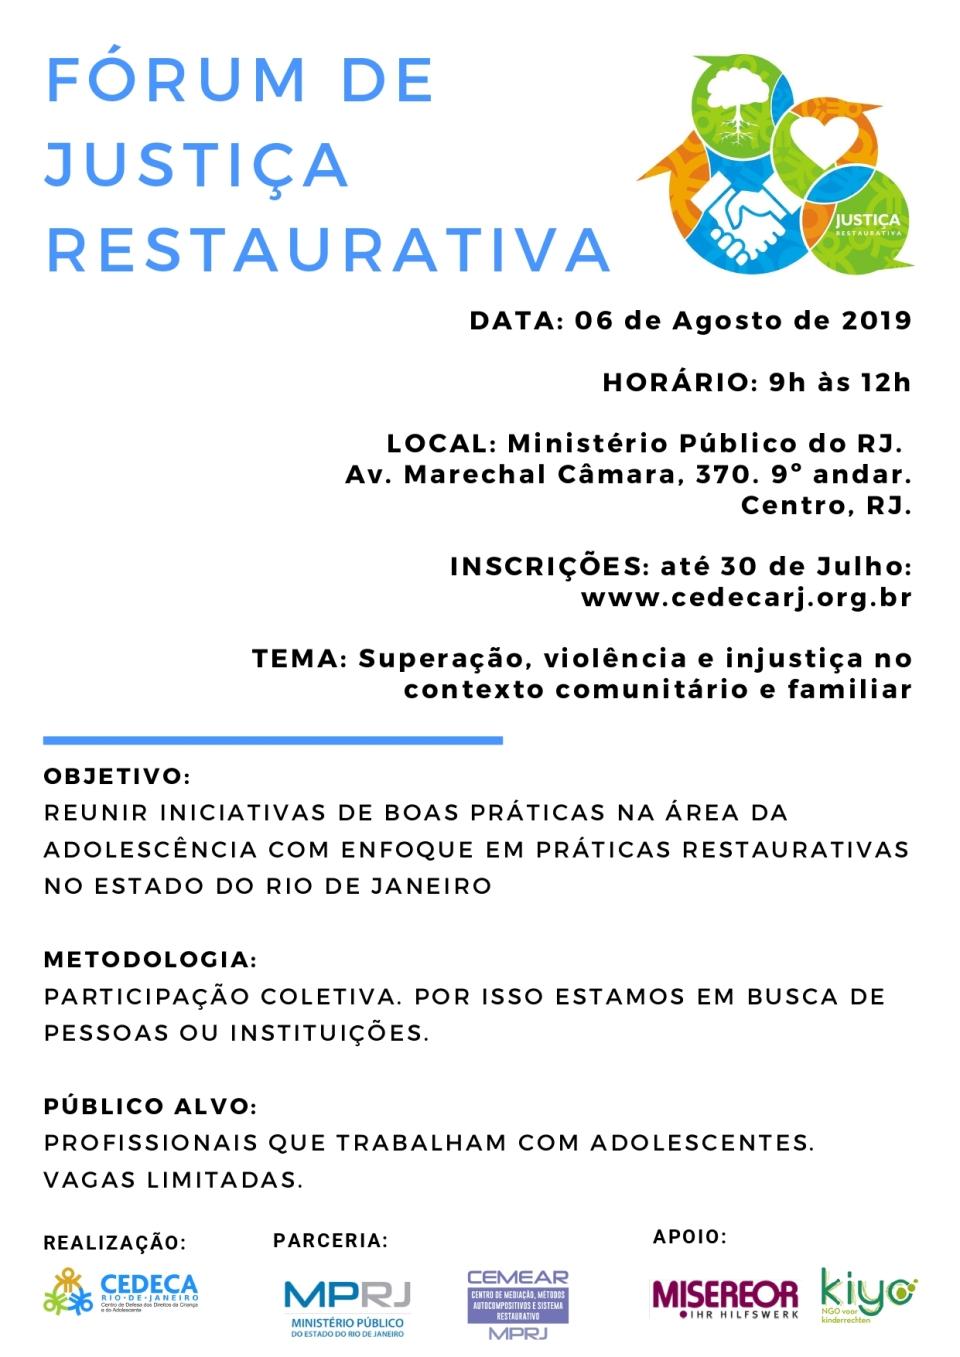 Fórum de Justiça Restaurativa PARCEIRO MPRJ - Agosto (1)_page-0001